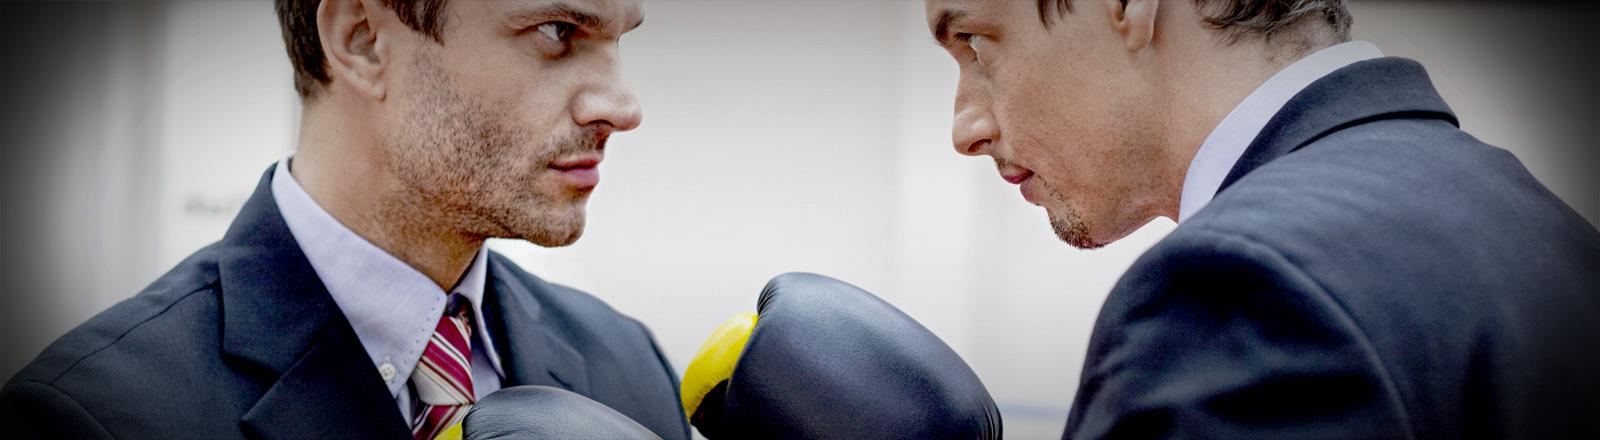 Machtkampf - zwei Männer stehen sich mit Boxhandschuhen gegenüber